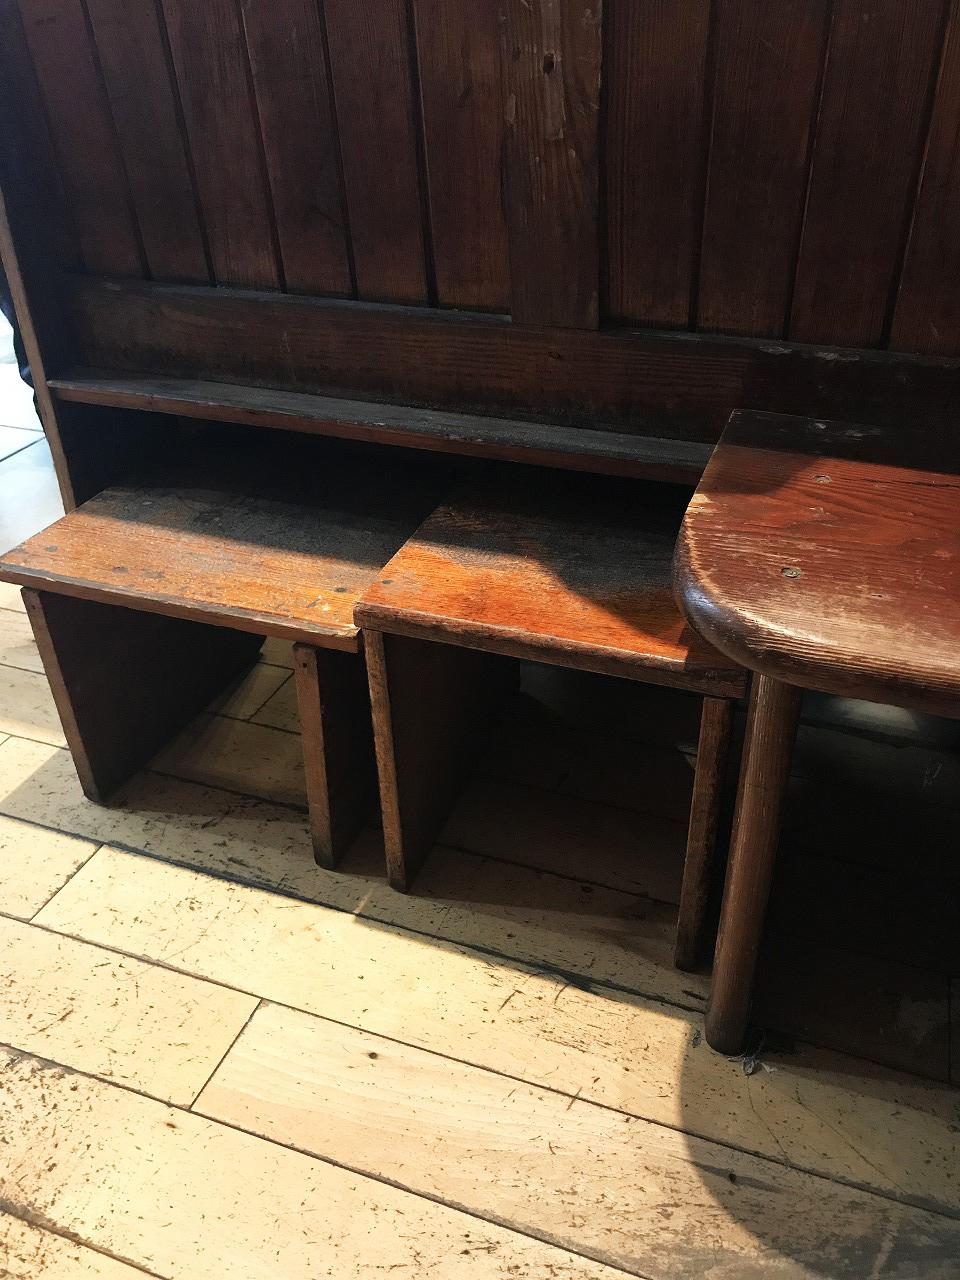 小さな小さな椅子たち。昔教会では膝まづいてお祈りするときの台だったと思われます。